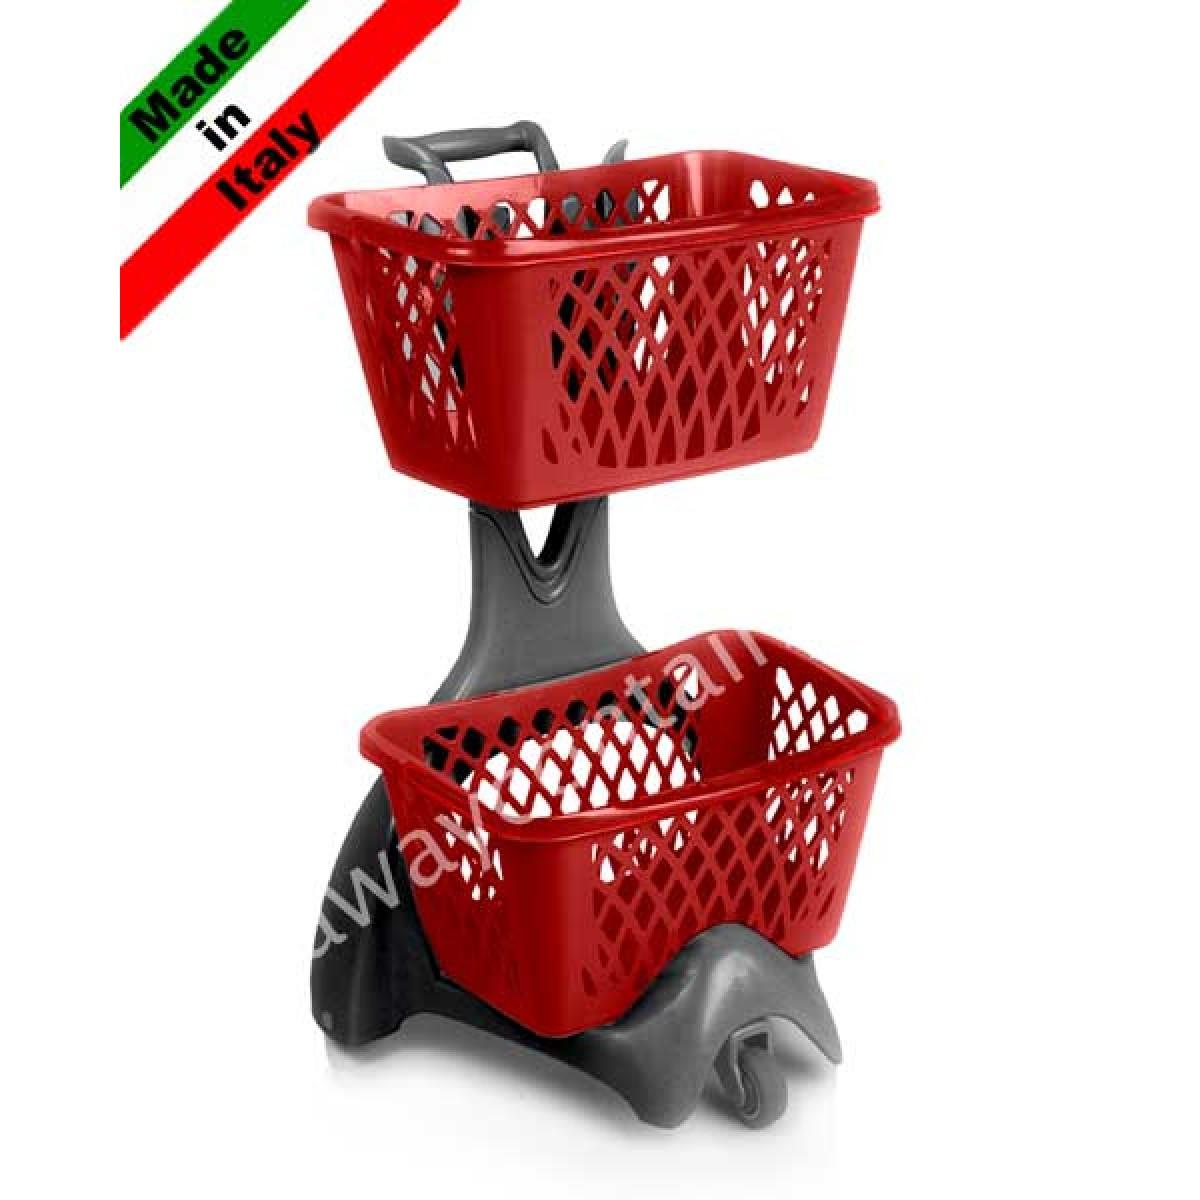 Carrello spesa porta cestini in plastica per supermercato for Carrello portalegna da arredamento